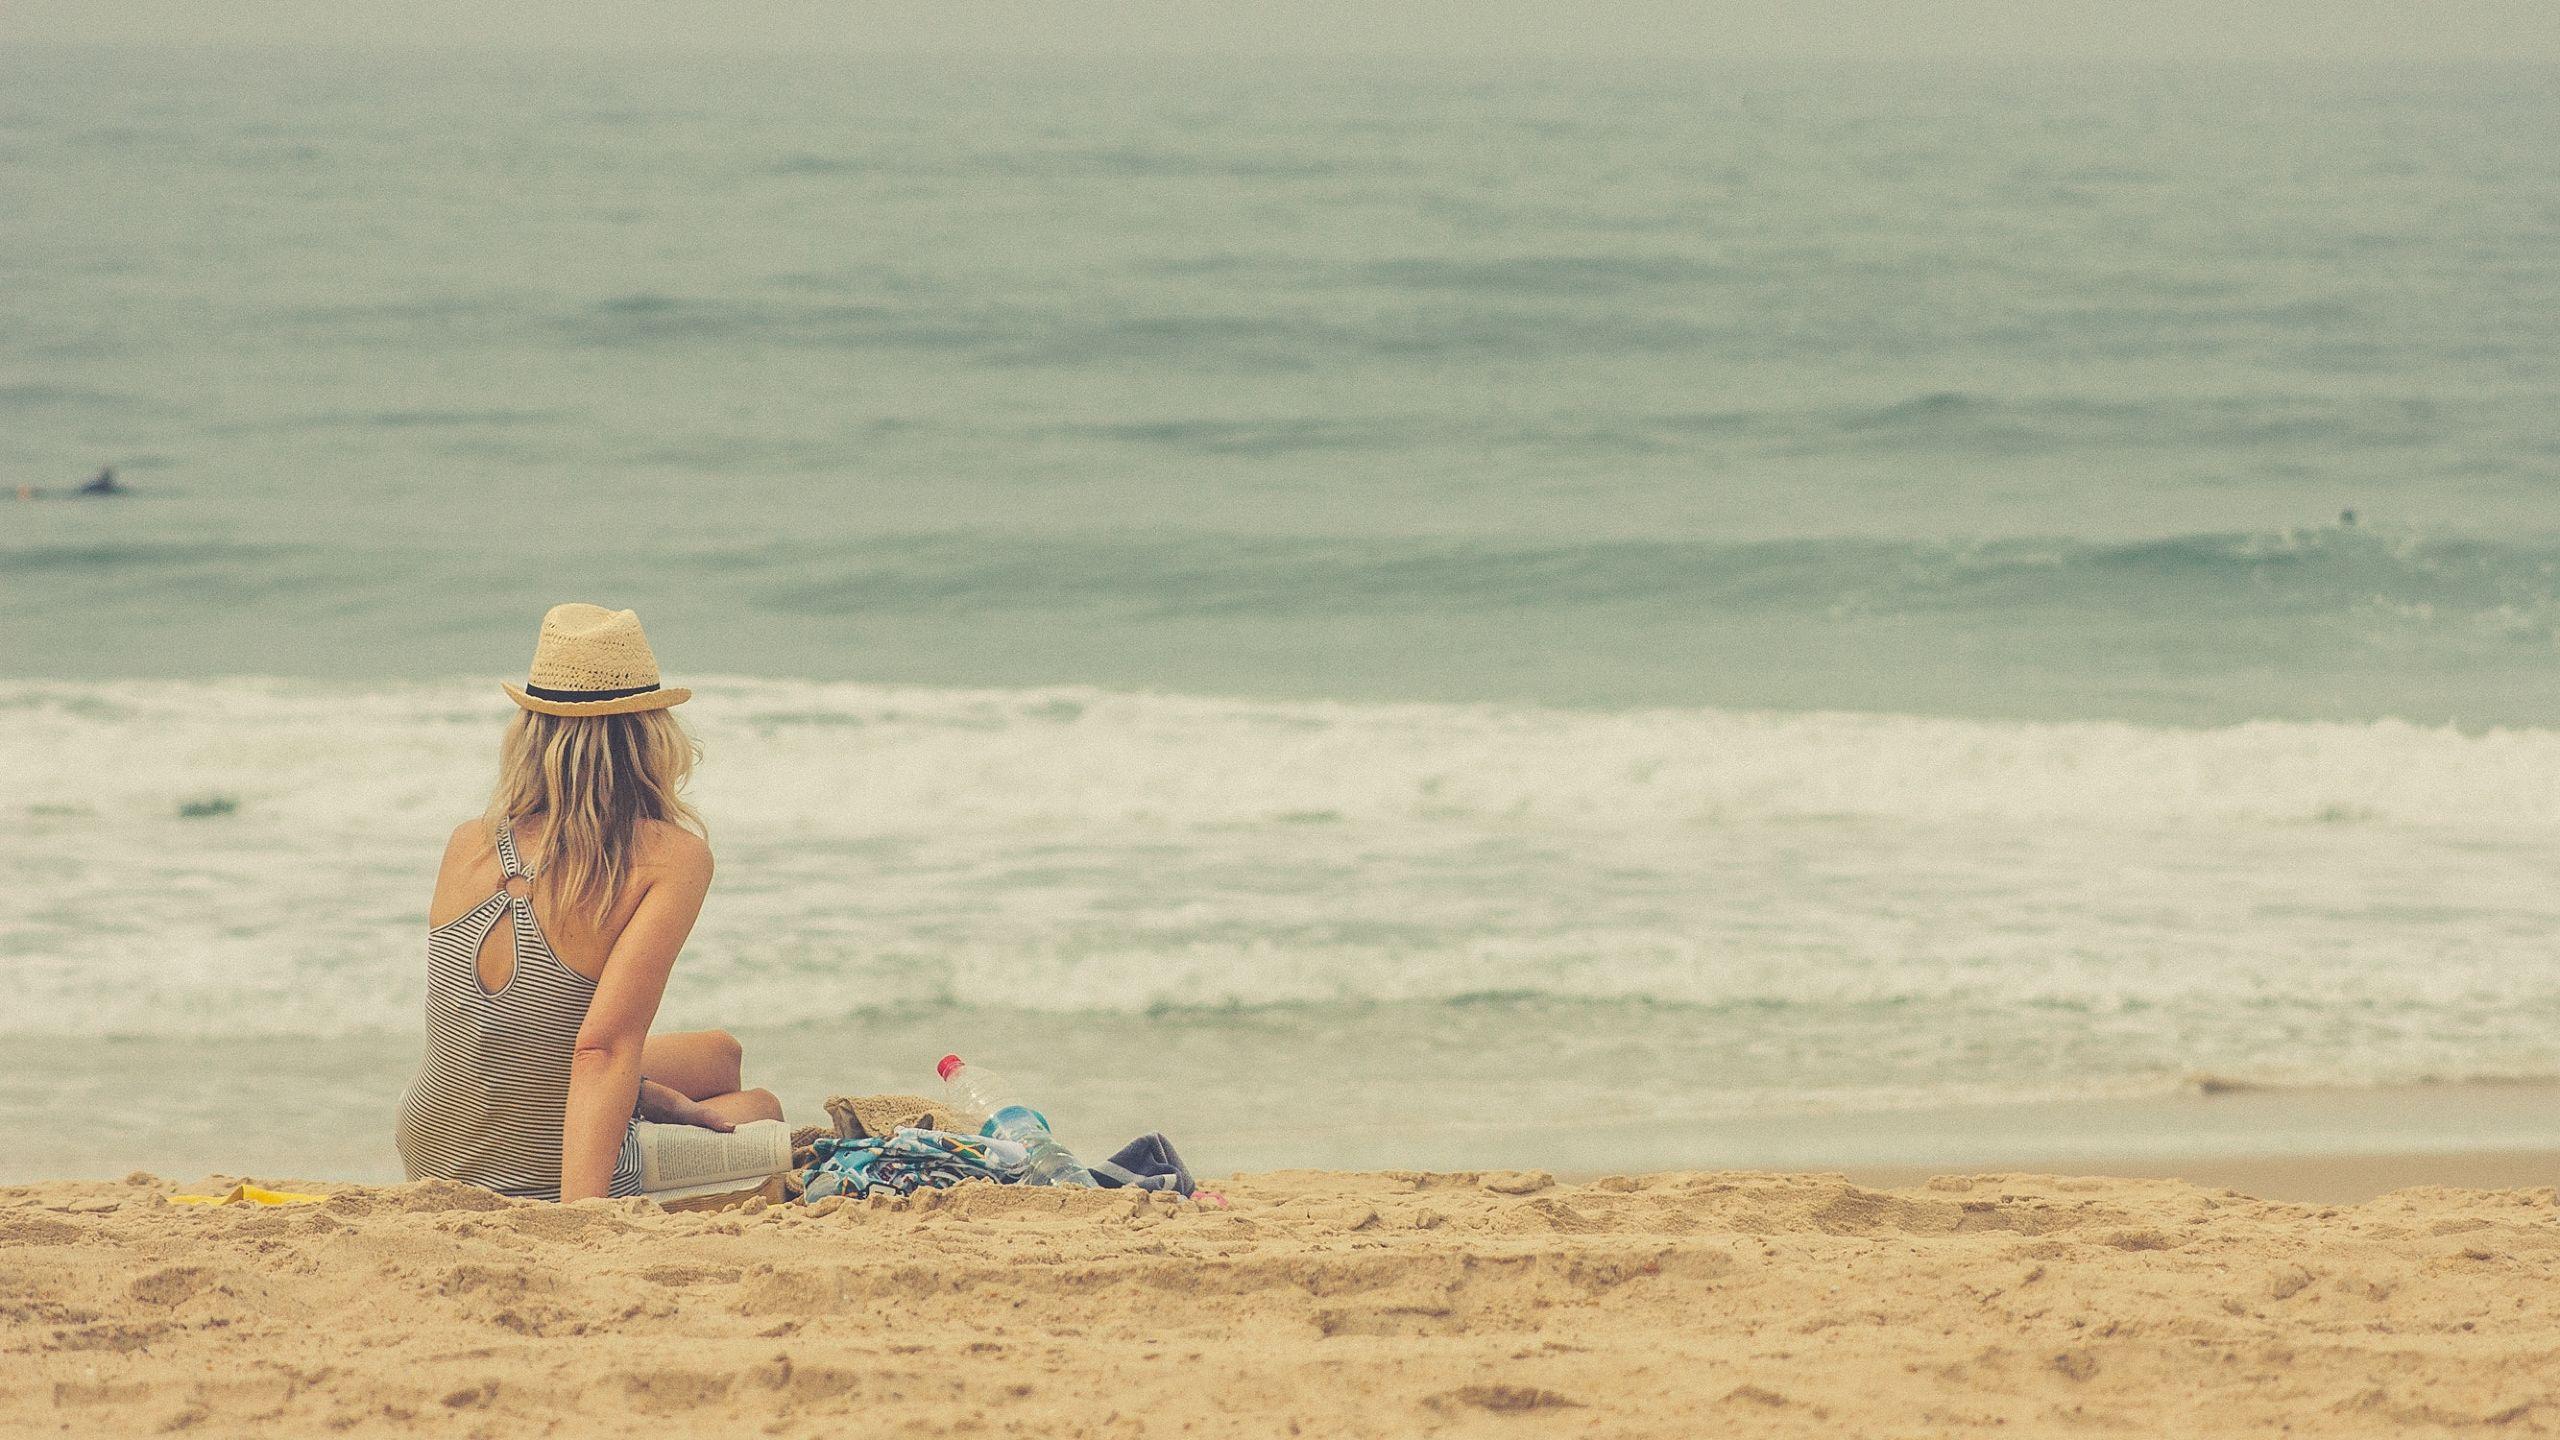 Nyd sommeren i komfortabelt badetøj